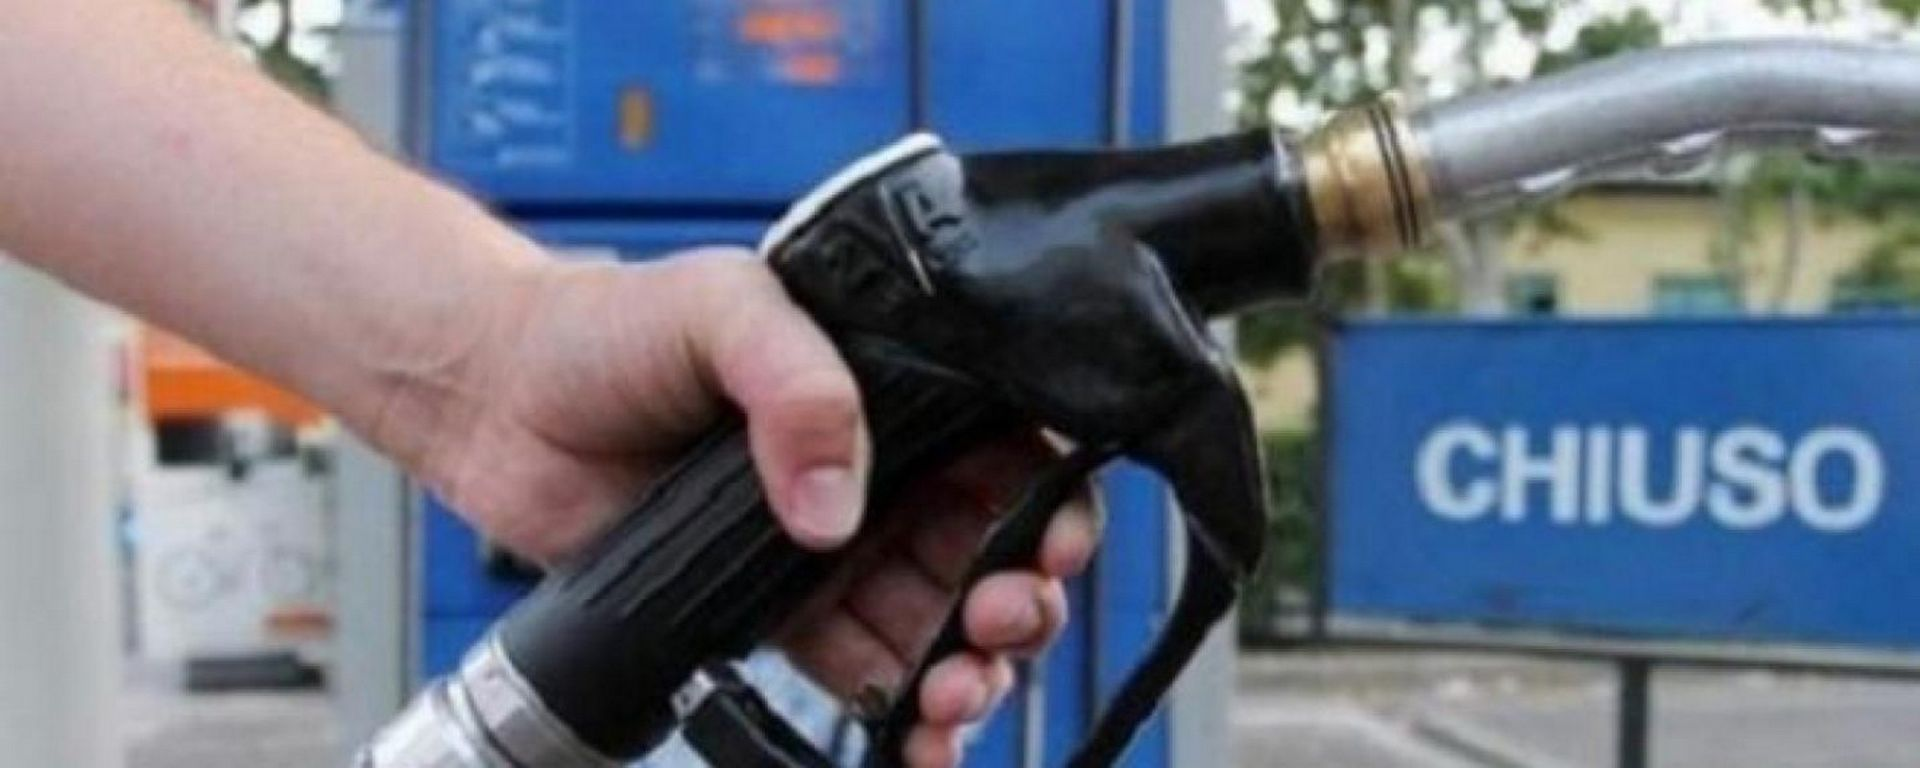 Fattura elettronica, sciopero dei benzinai il 26 giugno 2018